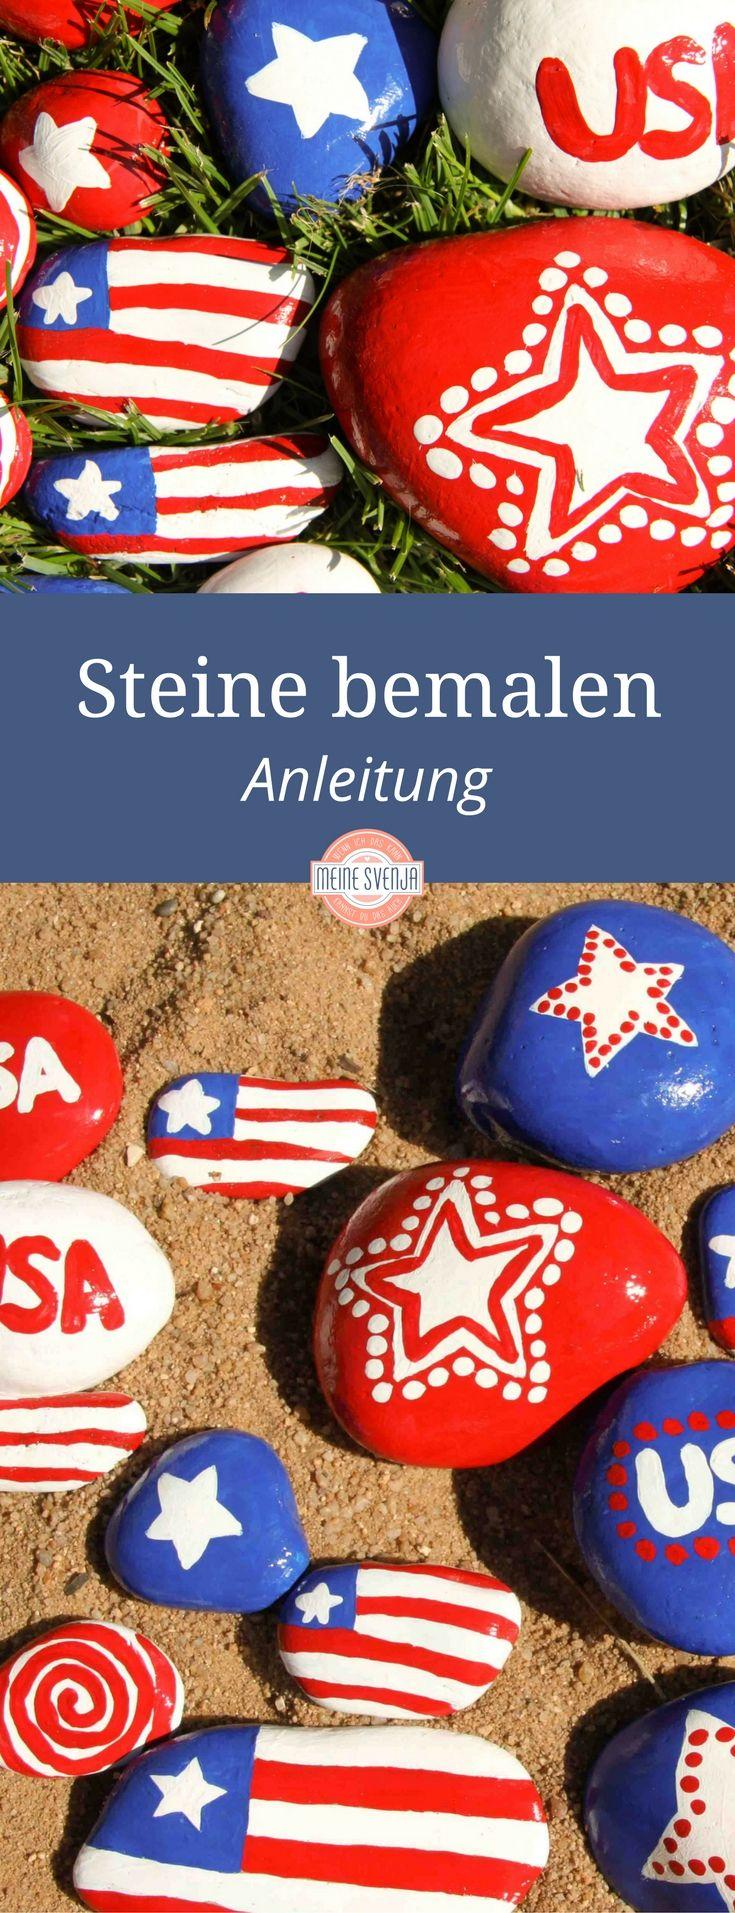 Steine bemalen mit Kindern zum 4. Juli - Independence Day craft for kids at: http://www.meinesvenja.de/2011/06/29/steine-bemalen/